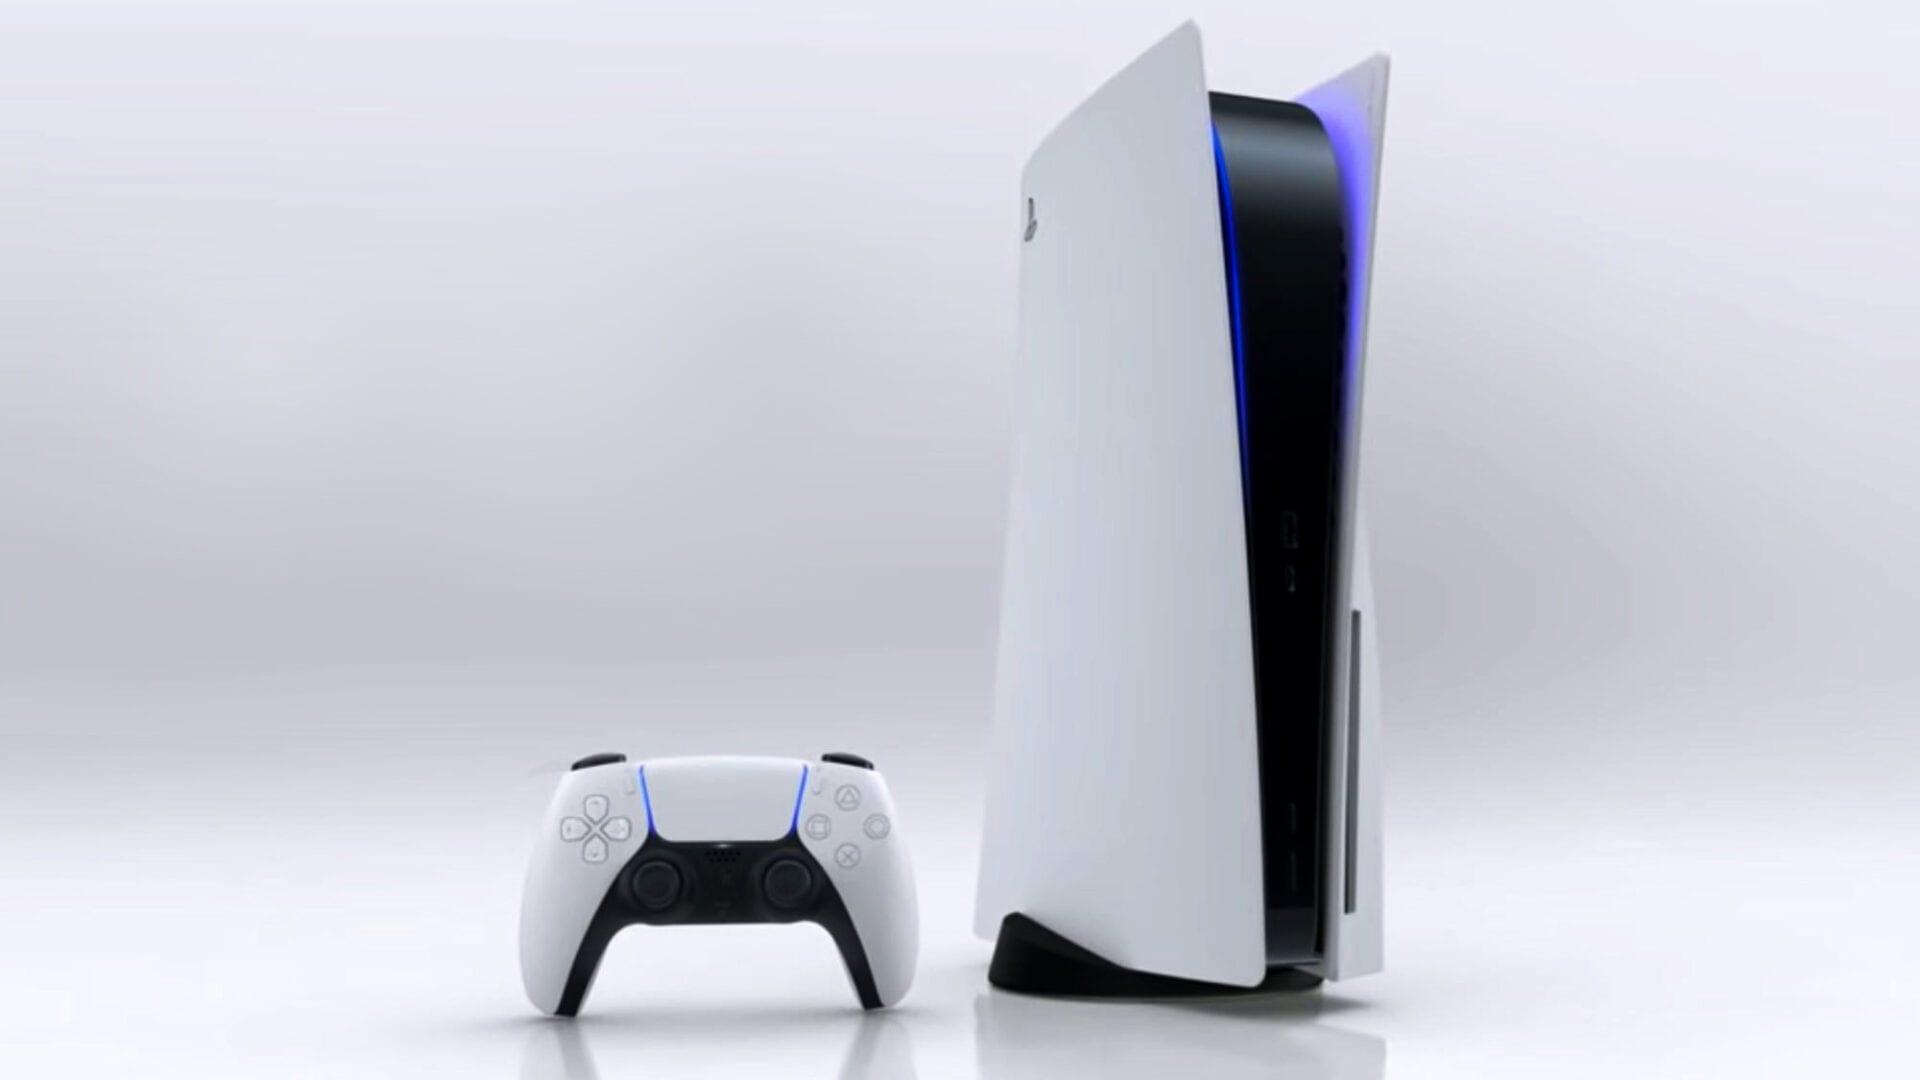 PS5, playstation